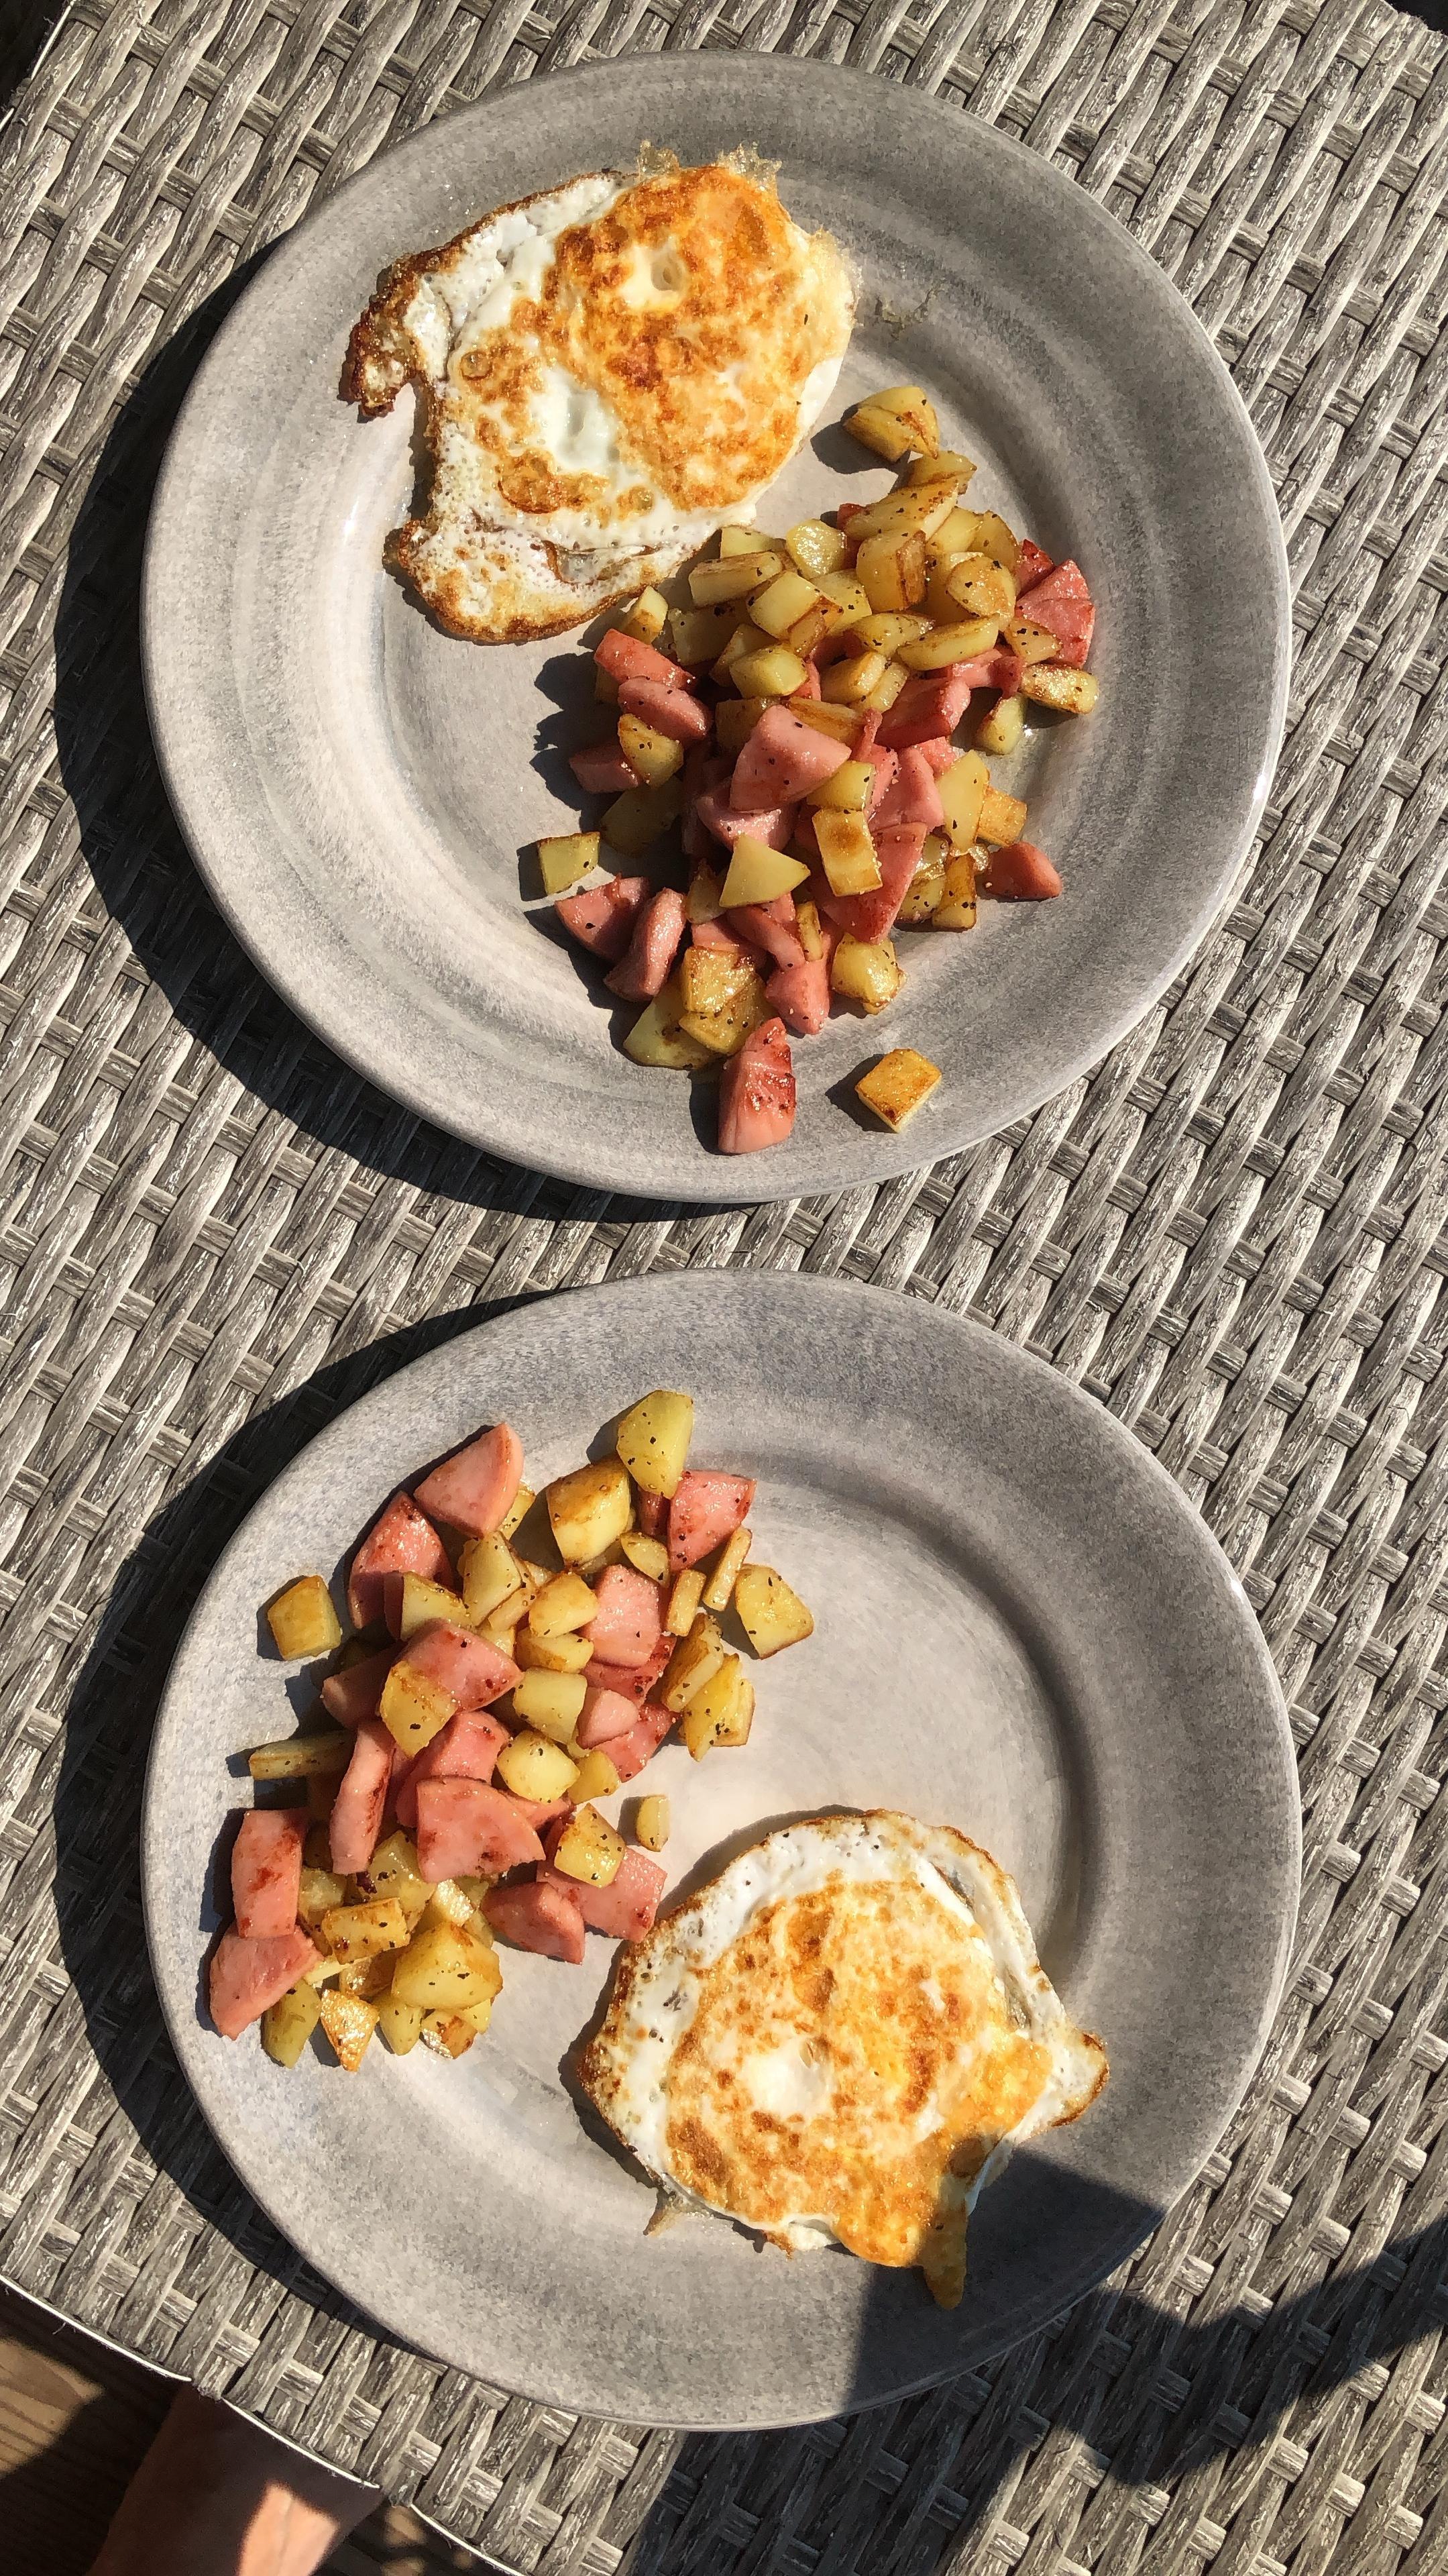 Enkel sommarlunch - råstekt potatis, korv och stekt ägg